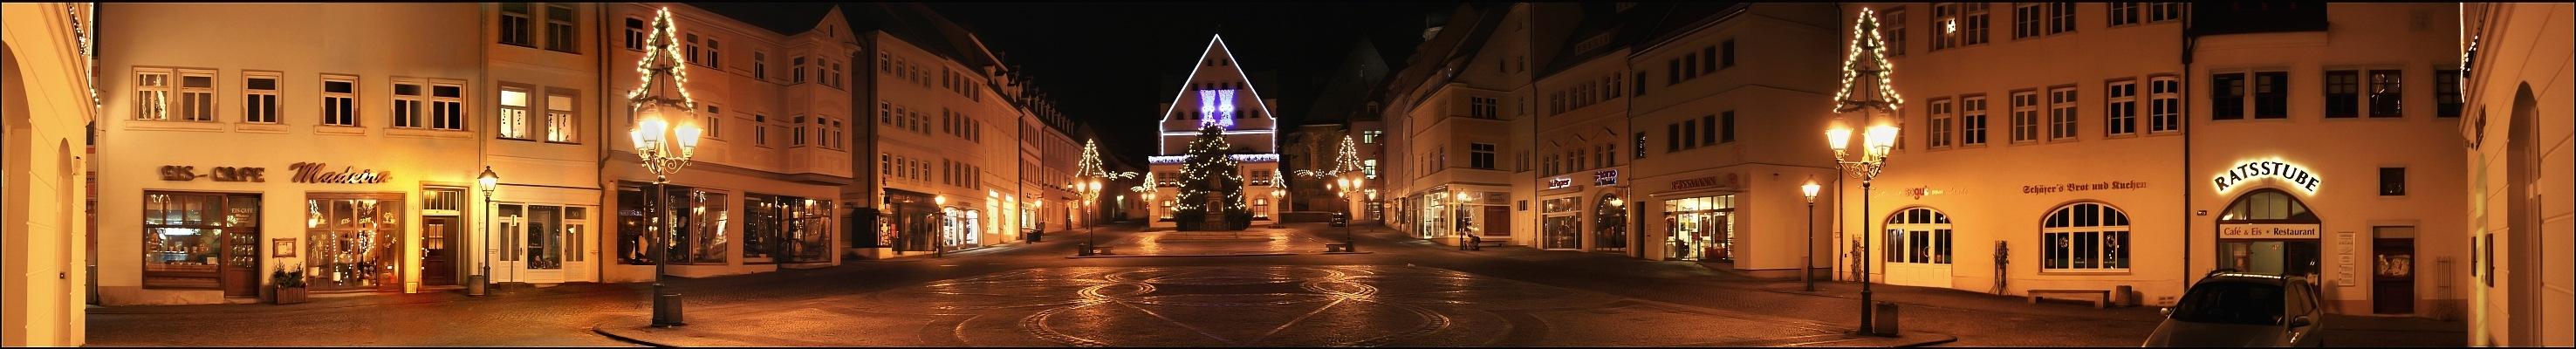 __^__ | Weihnachtsmarkt 2008